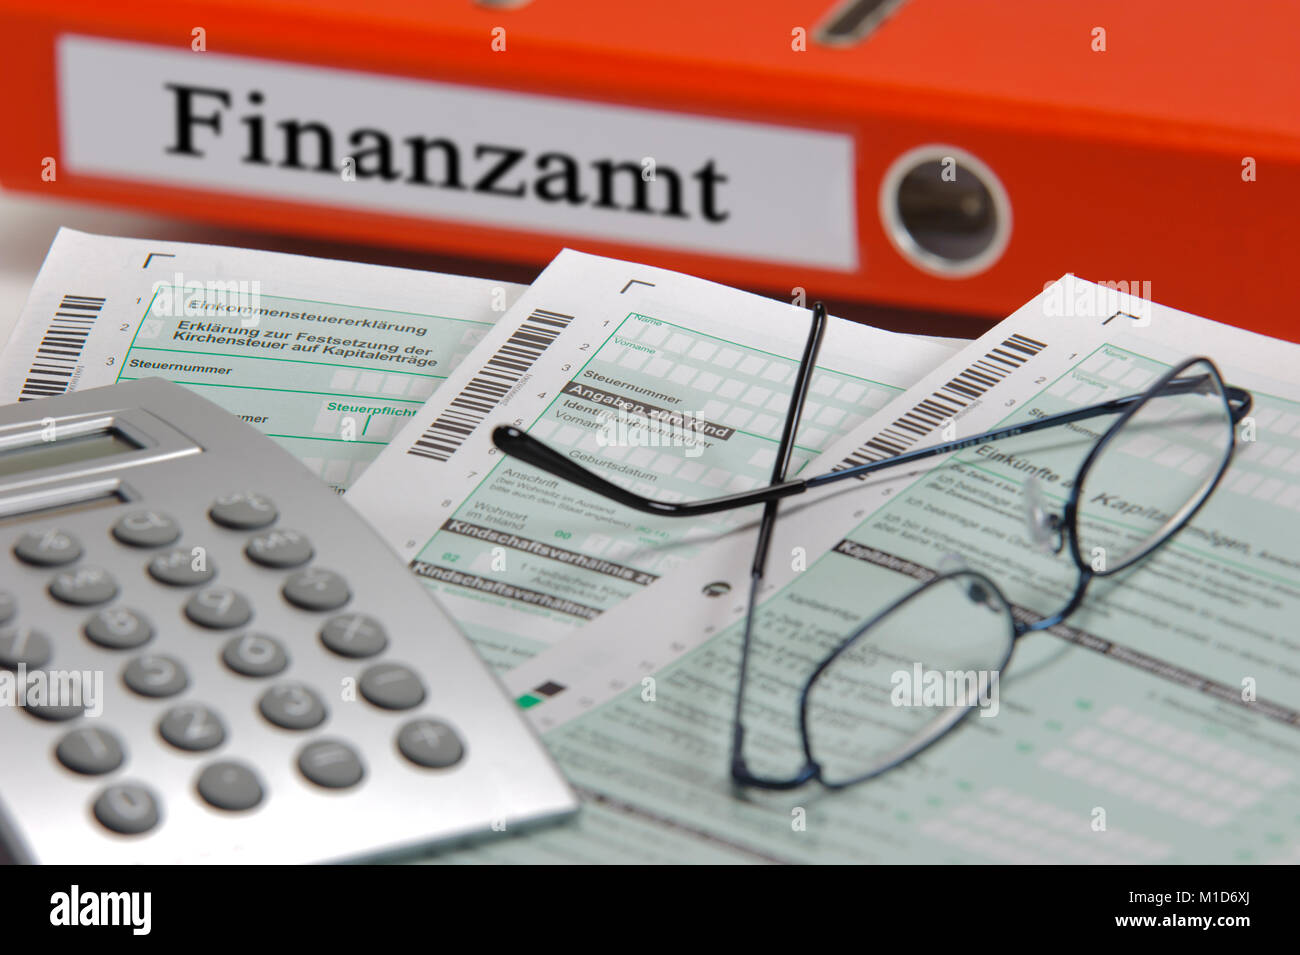 Steuererklärung für Finanzamt - Stock Image